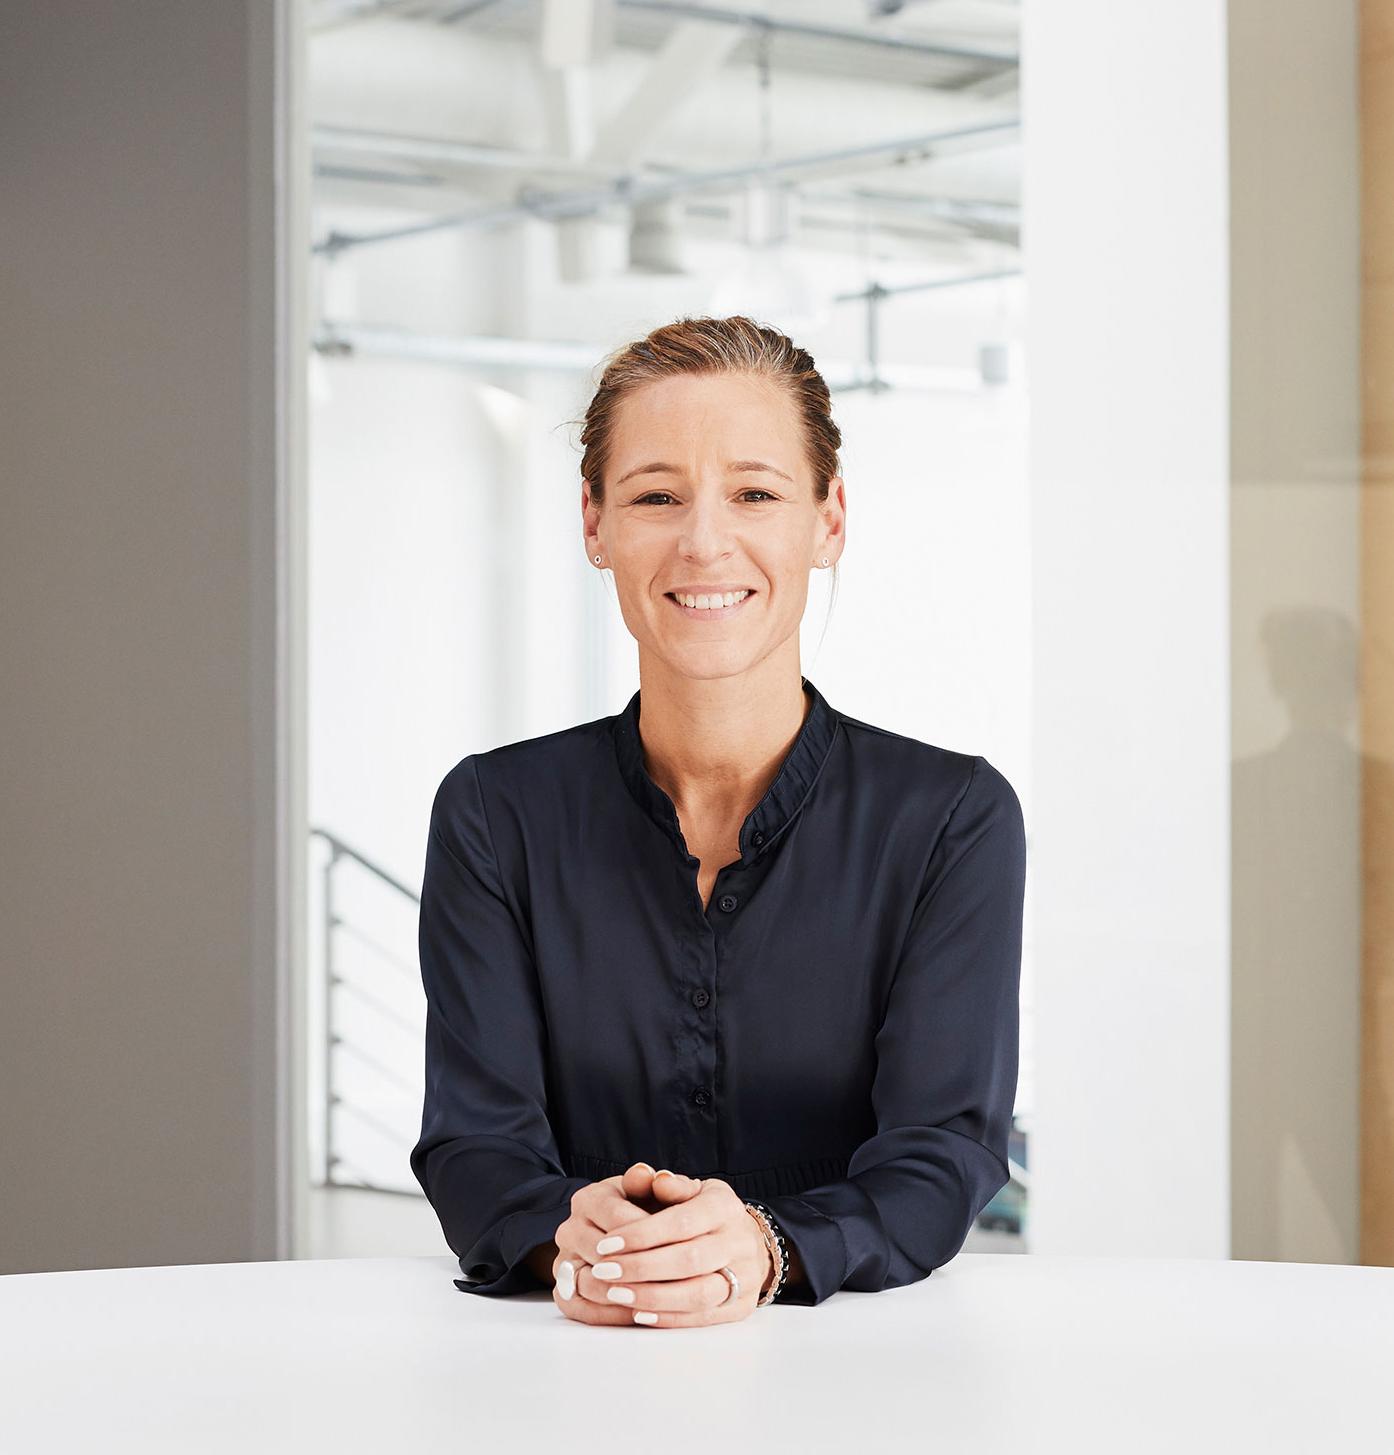 Andrea Schroeder steigt bei Crossmedia in die Führungsriege auf. (Foto: Crossmedia)